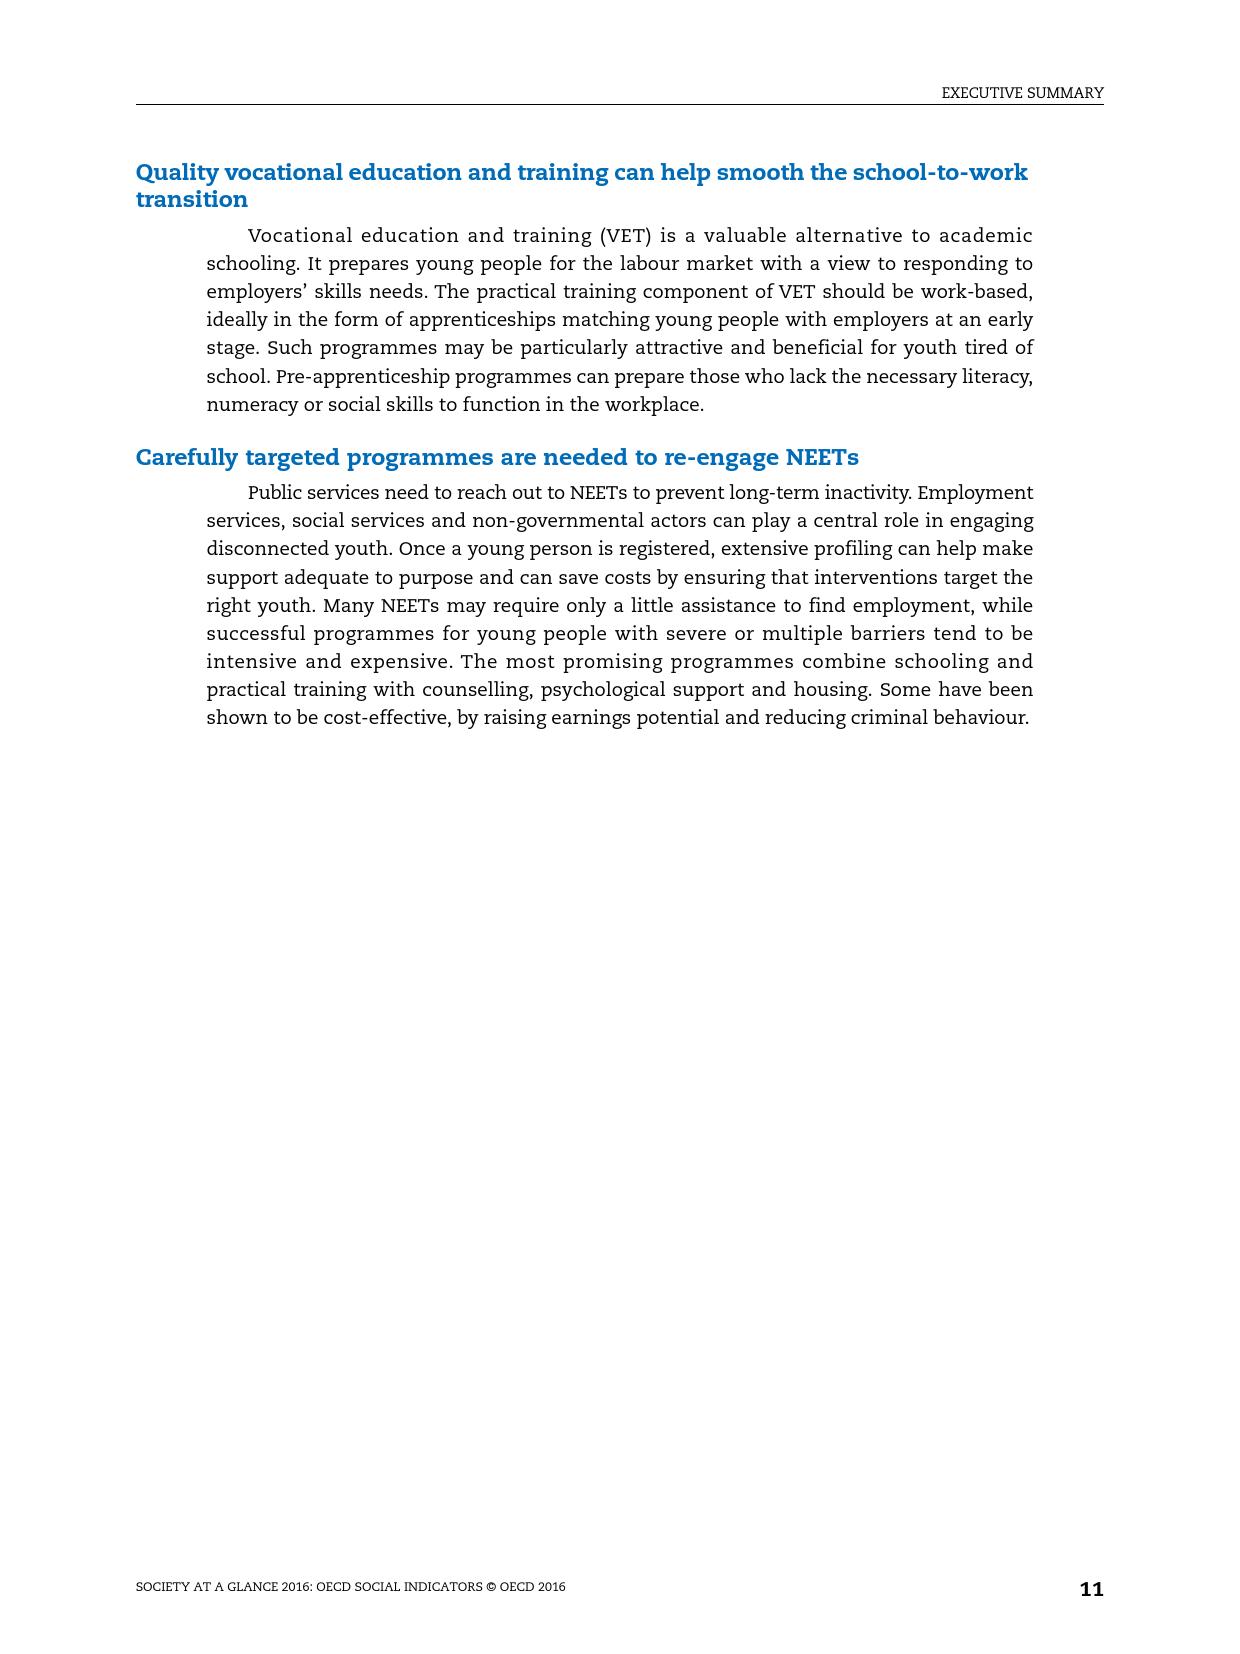 2016年OECD国家社会概览报告_000013